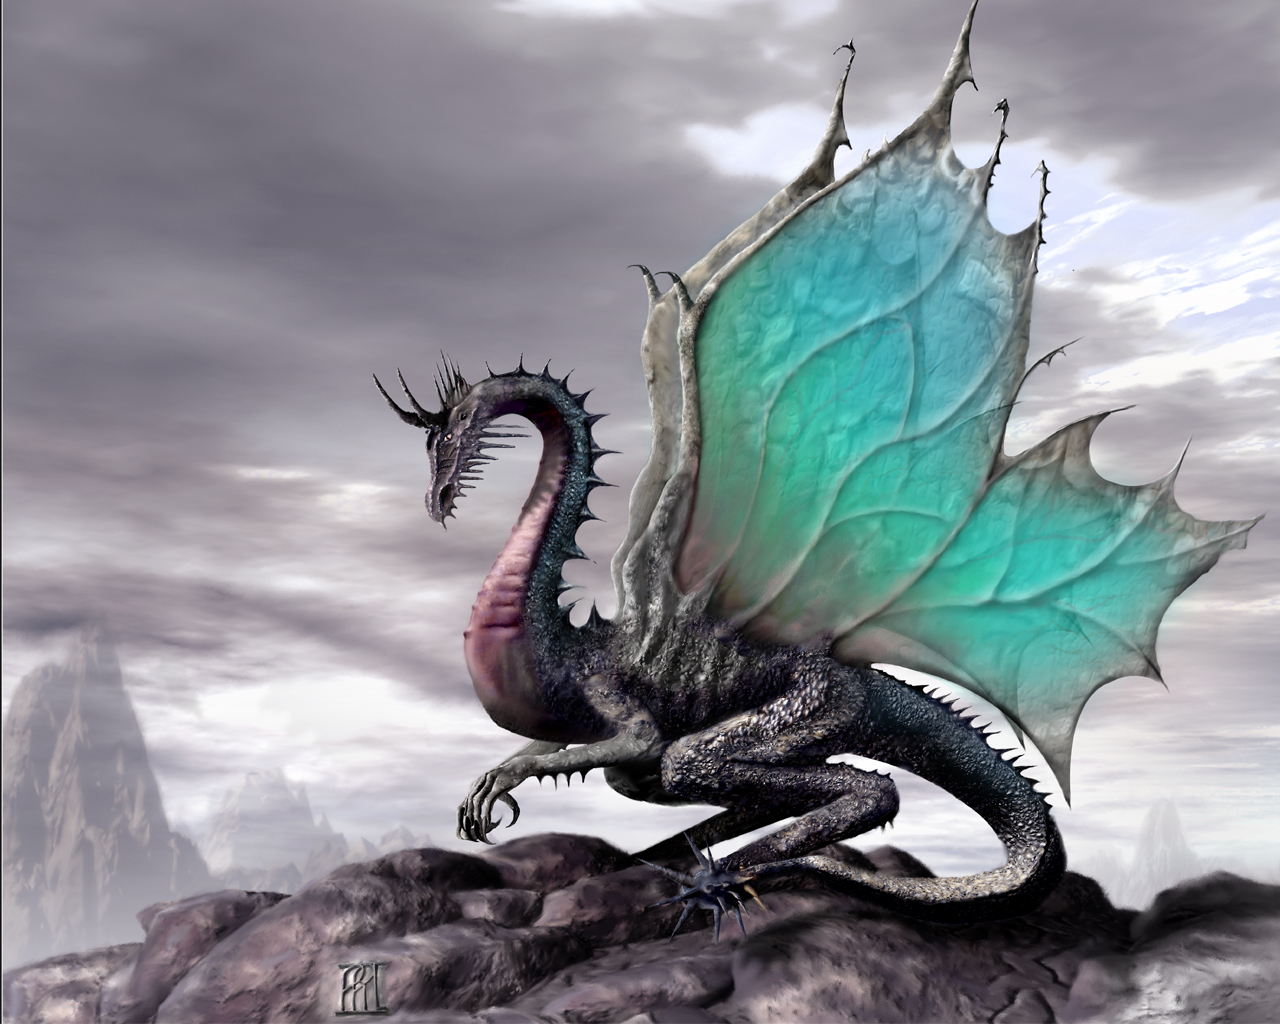 http://1.bp.blogspot.com/-Rdkkf4gqwnQ/TWdgIBjbiJI/AAAAAAAAAUA/xEQPs_F3Aow/s1600/El-Dragon-96193.jpg